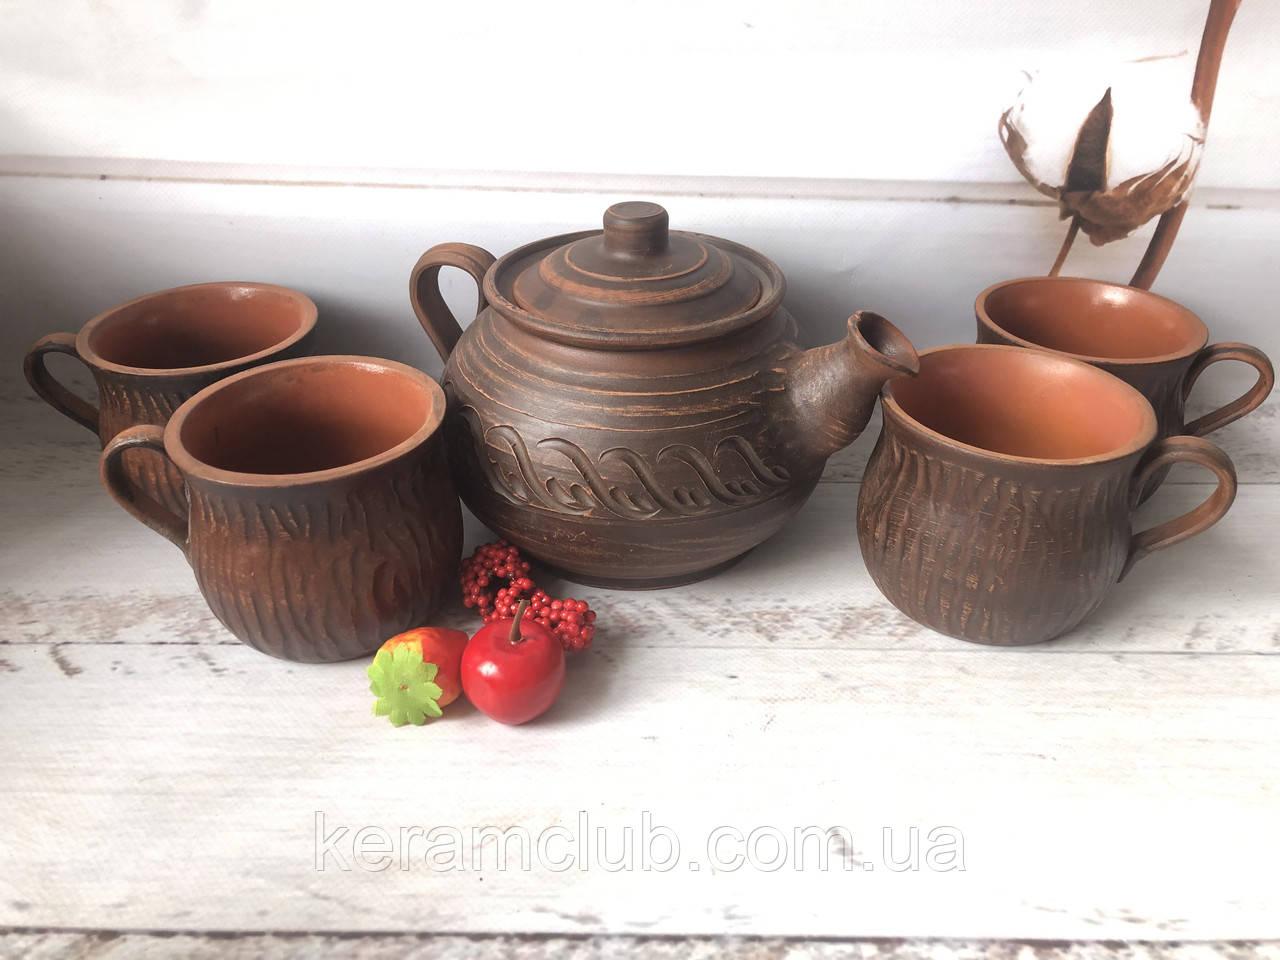 Керамический набор заварник и 4 чашки